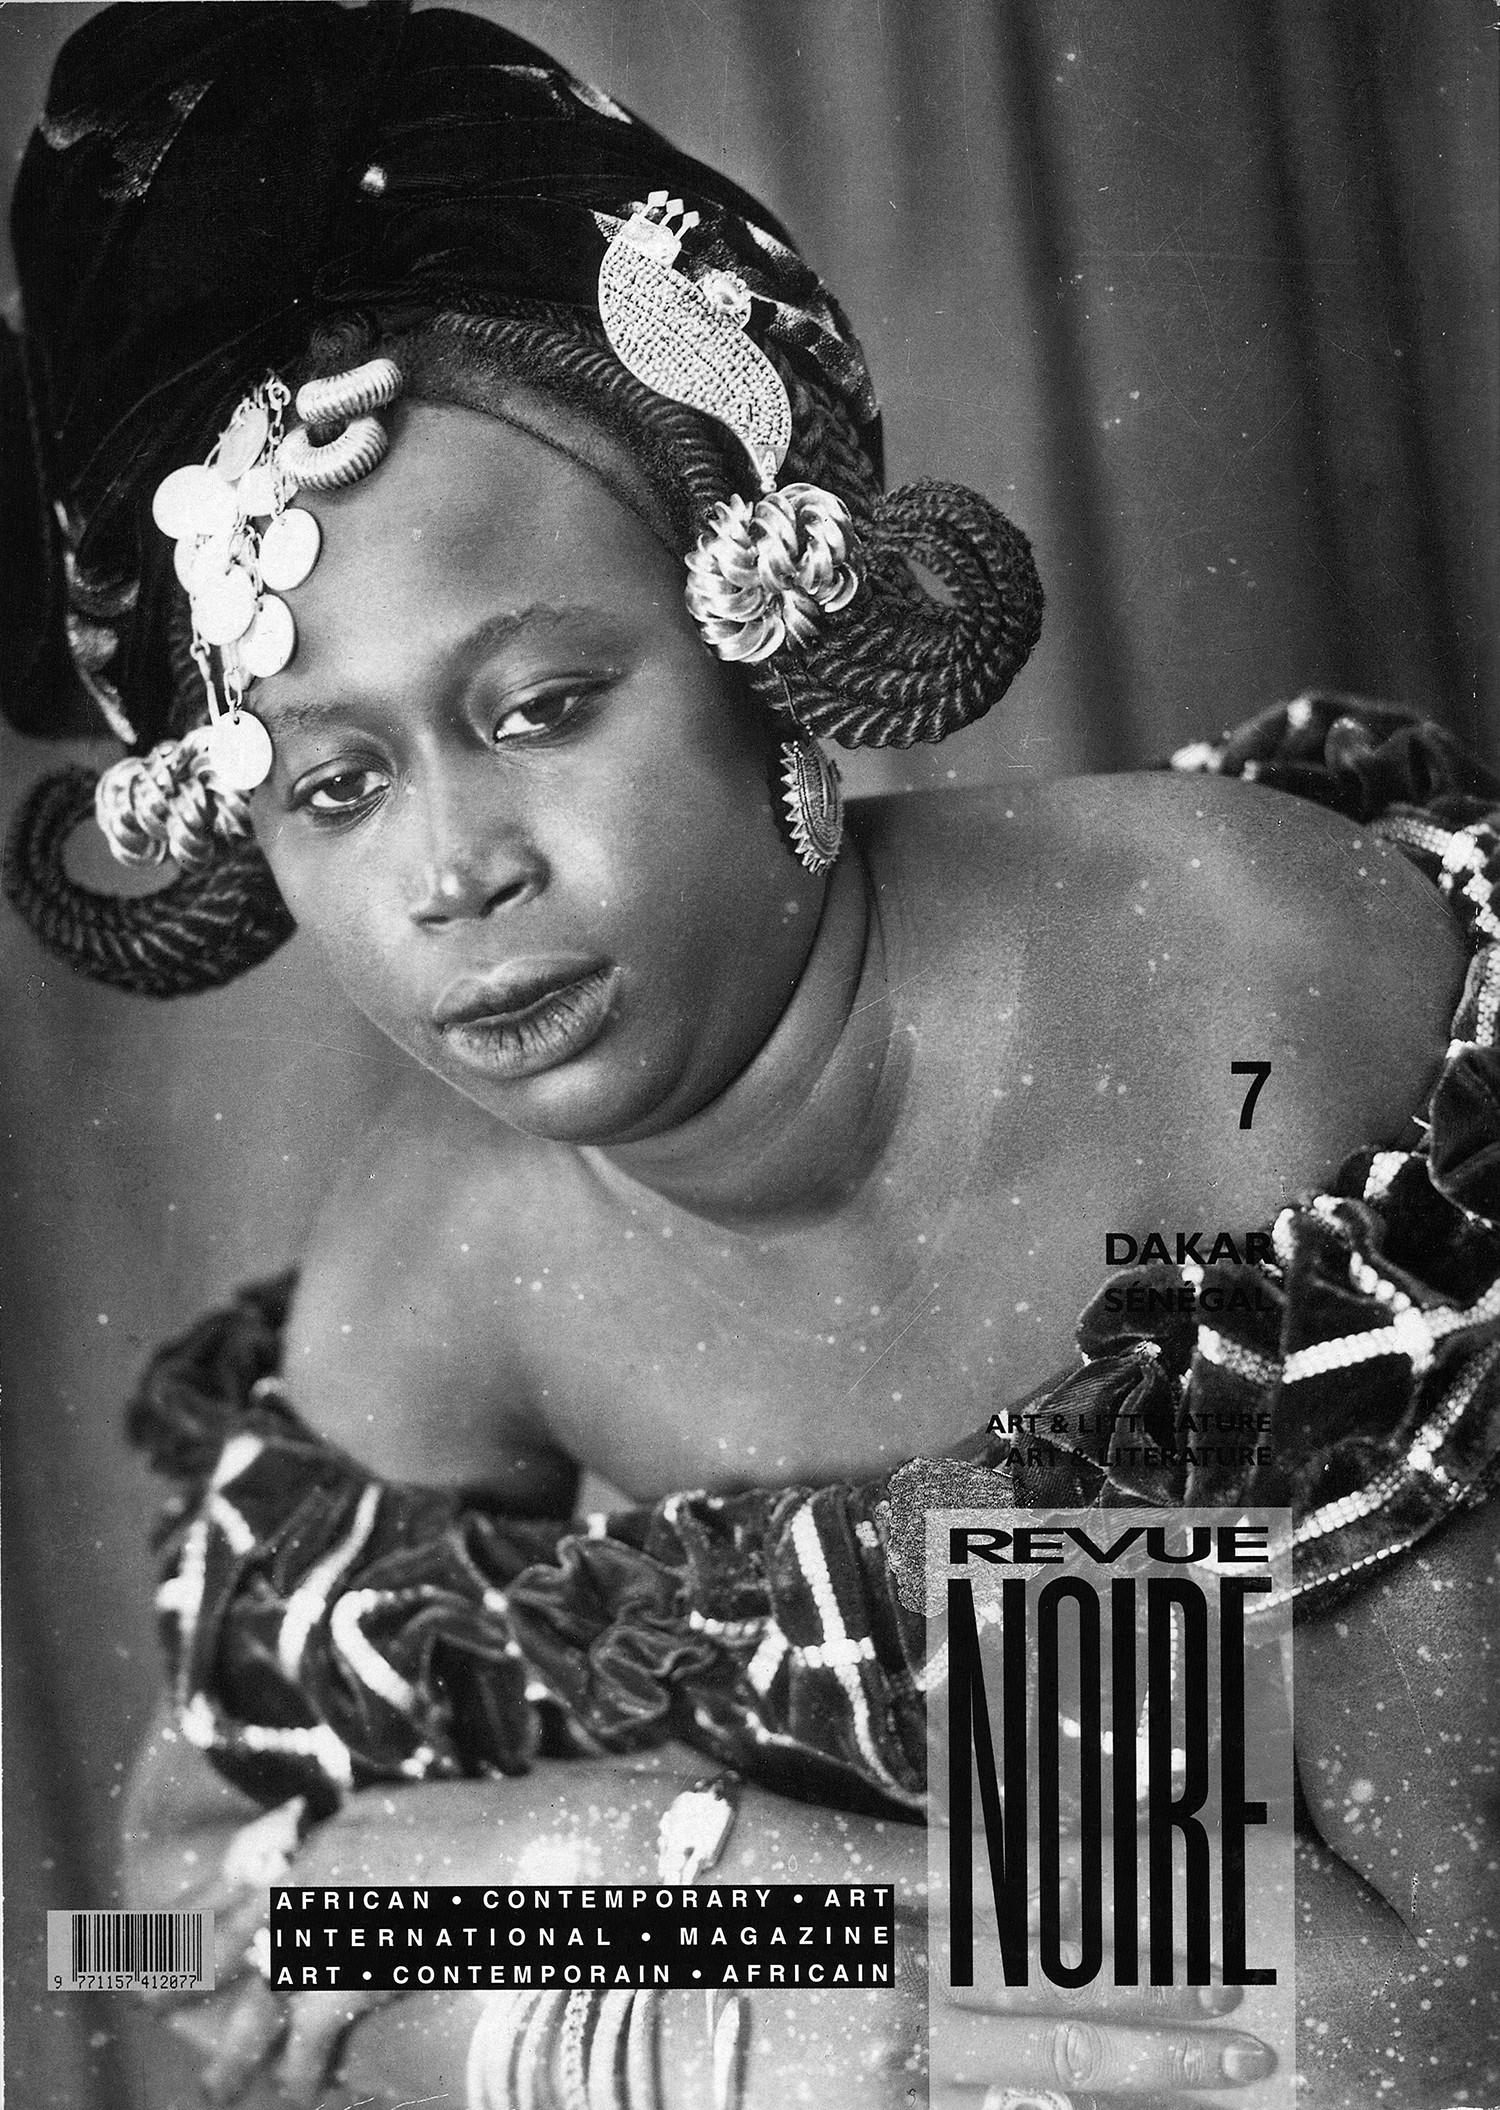 Revue Noire 07 : Dakar, Sénégal